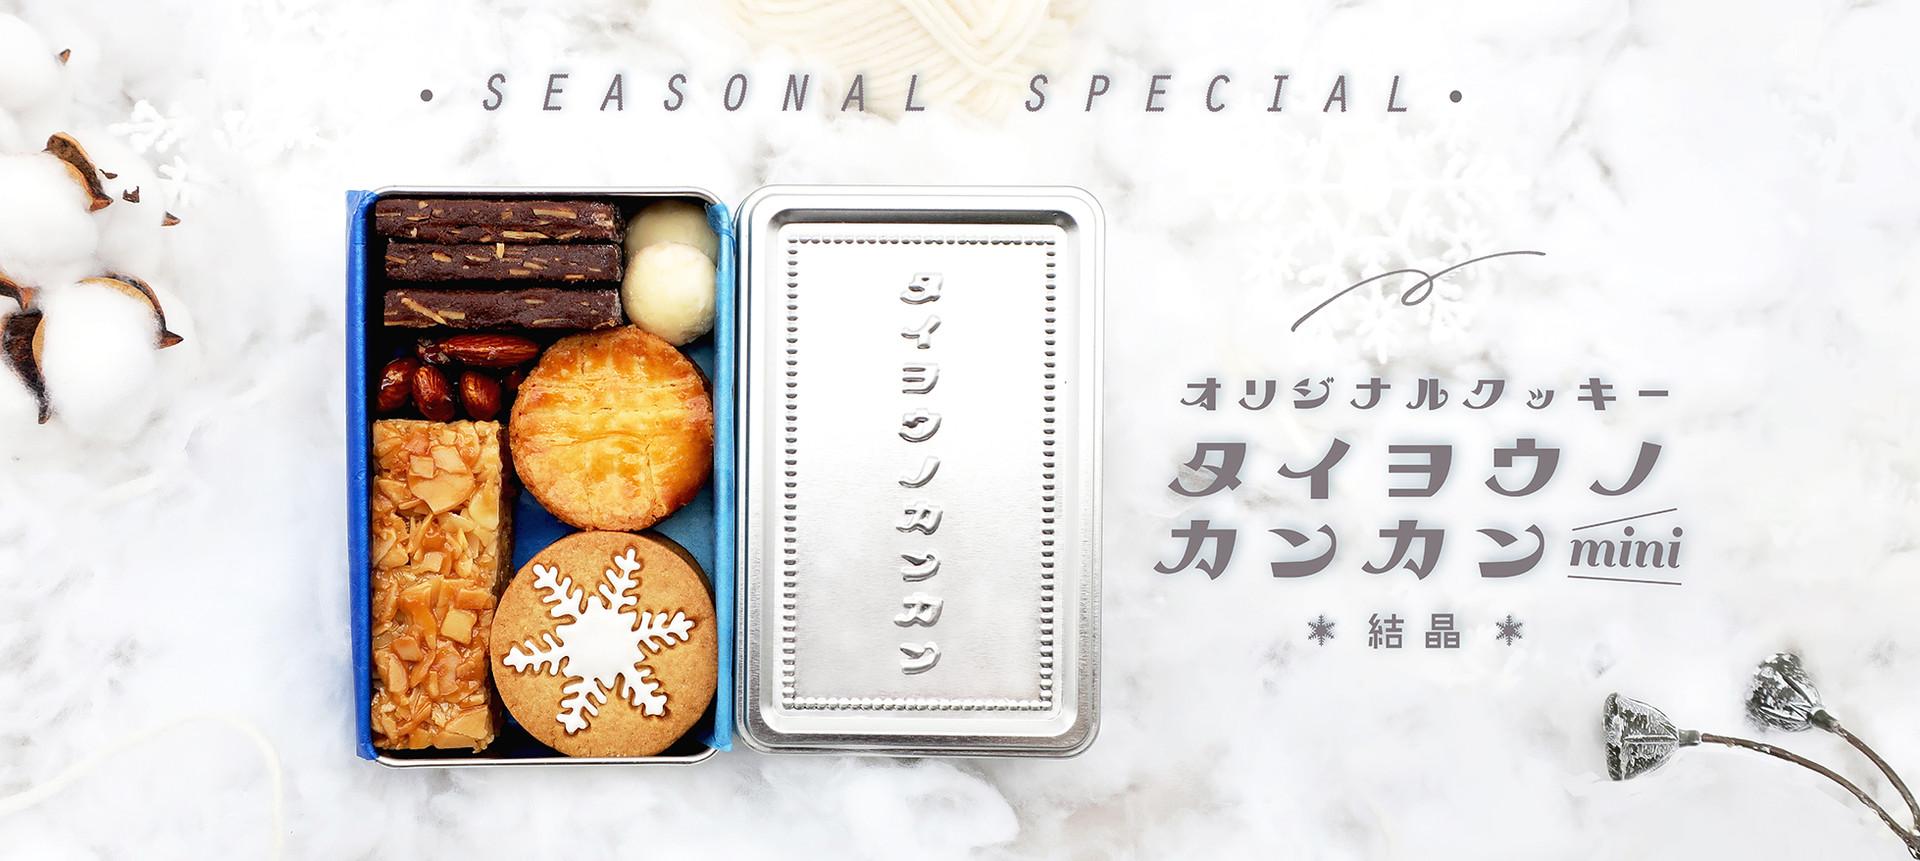 【冬季限定】タイヨウノカンカンmini ~結晶~